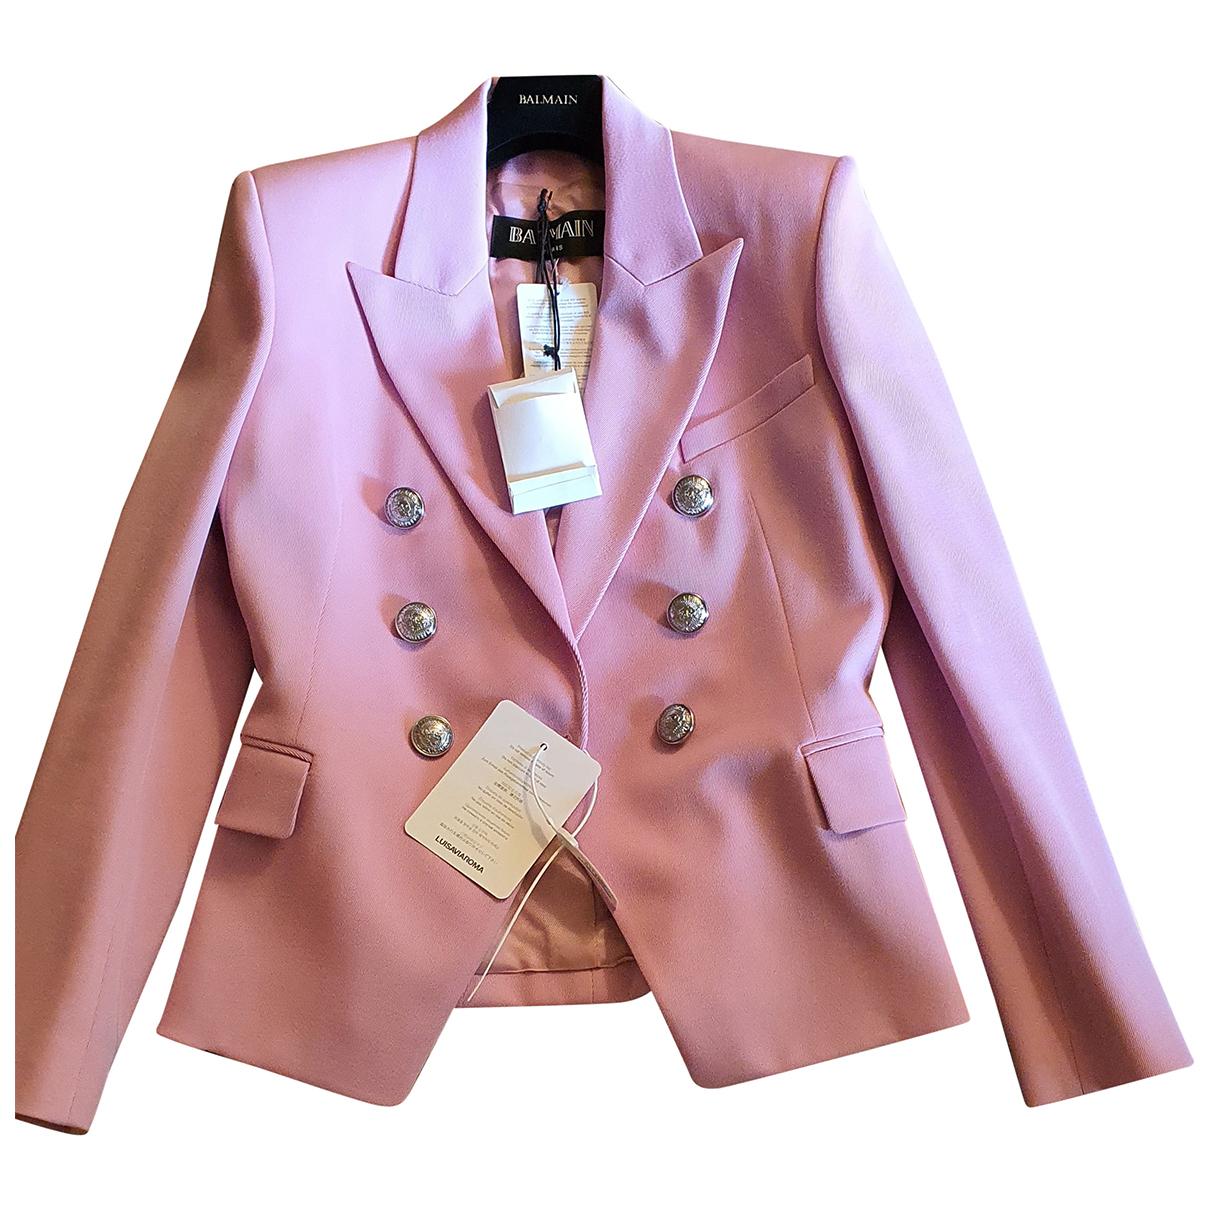 Balmain - Veste   pour femme en coton - rose